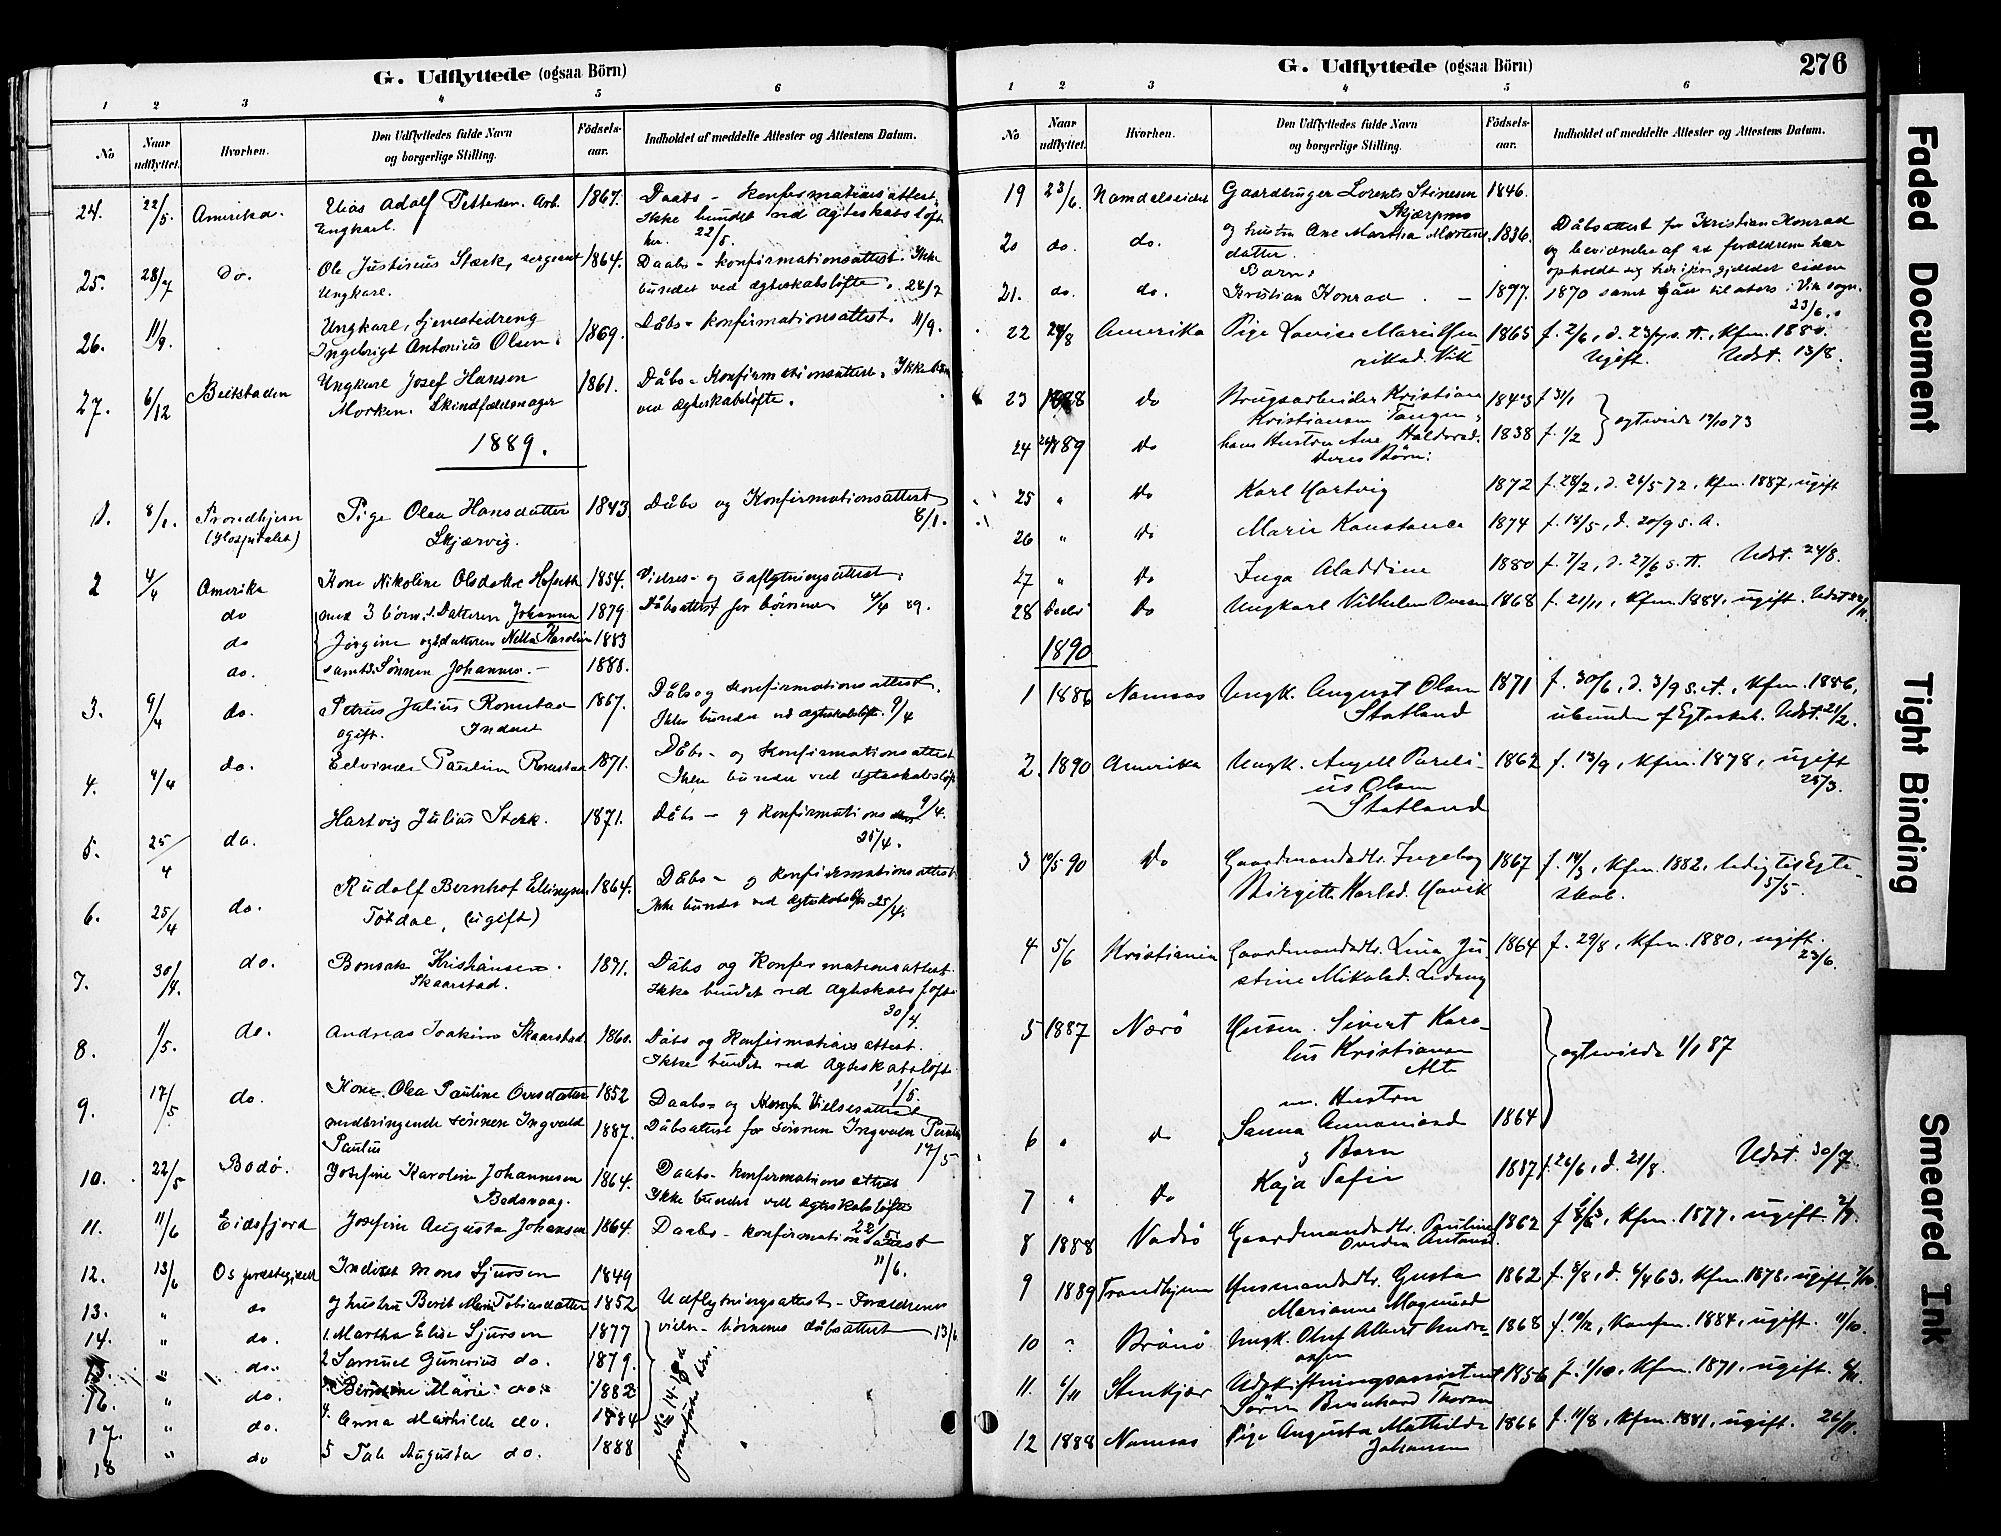 SAT, Ministerialprotokoller, klokkerbøker og fødselsregistre - Nord-Trøndelag, 774/L0628: Ministerialbok nr. 774A02, 1887-1903, s. 276